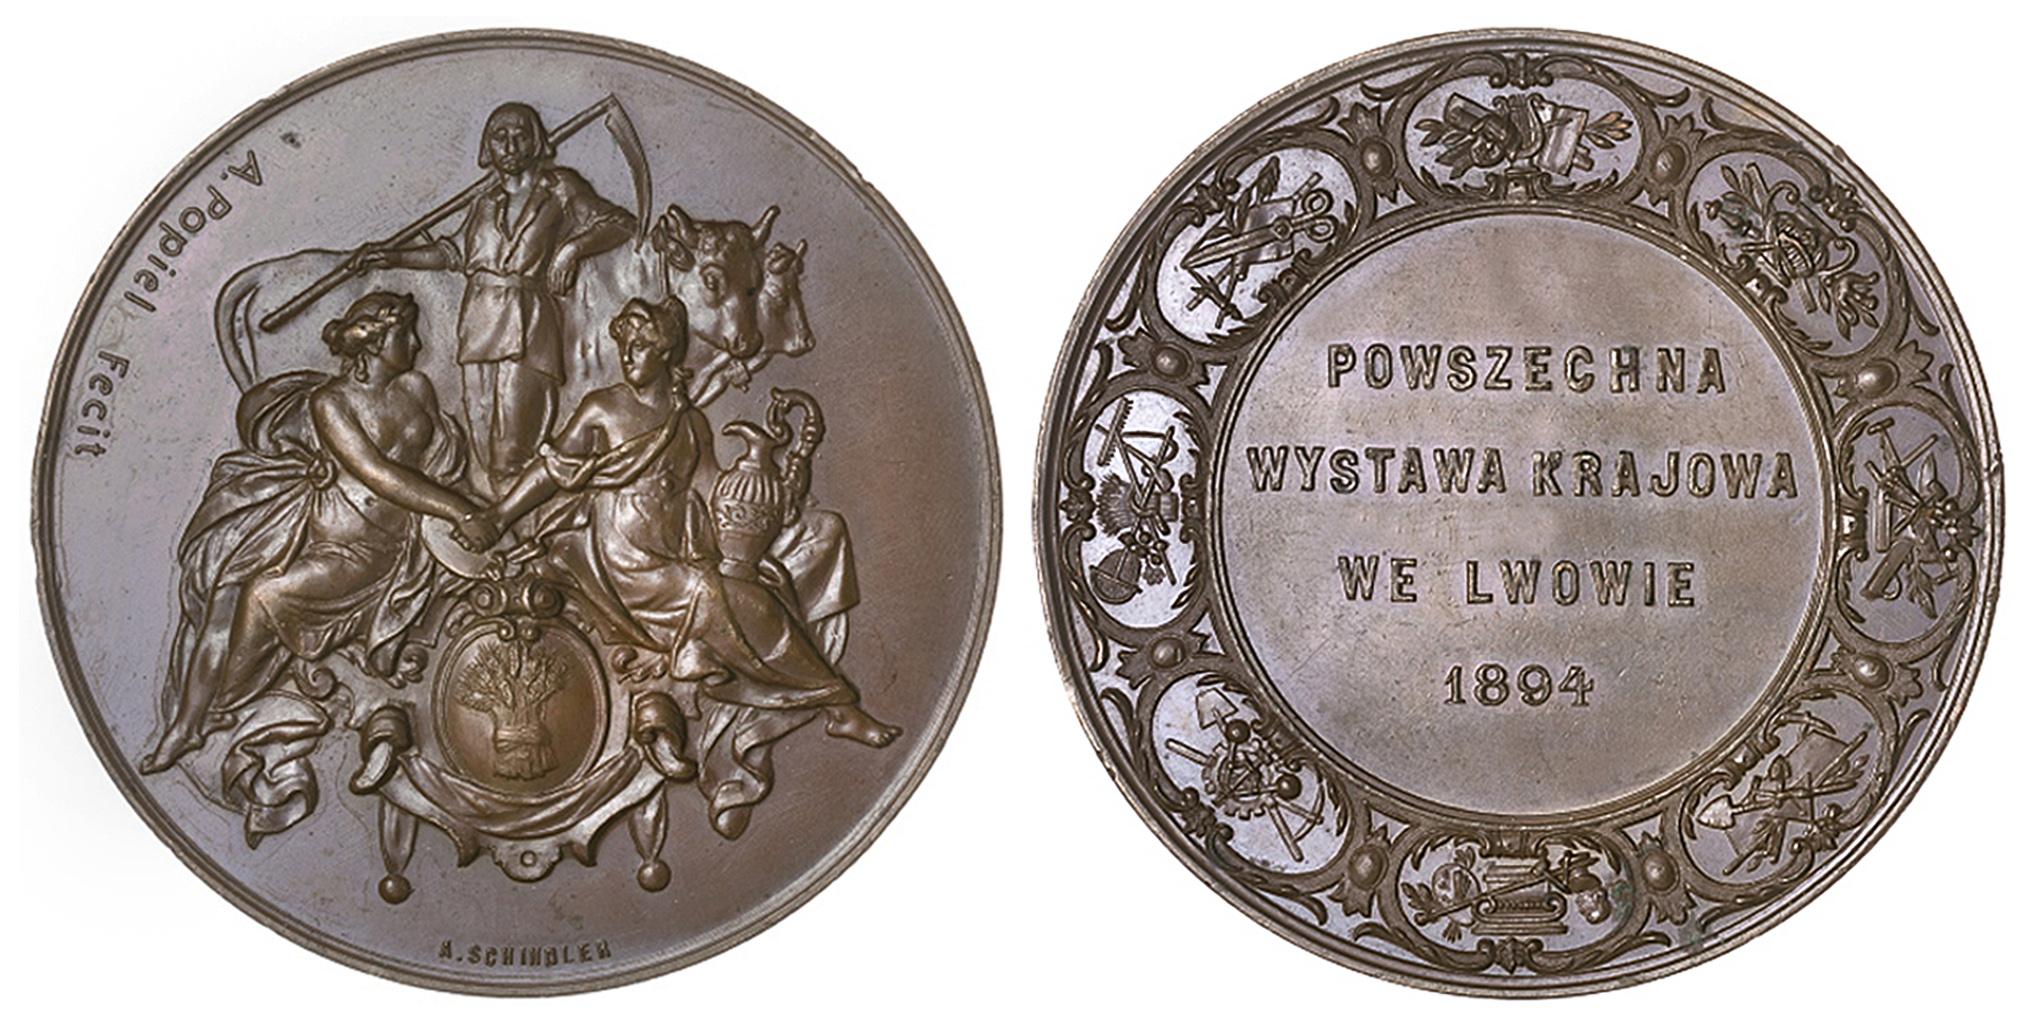 Антон Суліма-Попель. Виставка у Львові, 1894; бронза; NMW